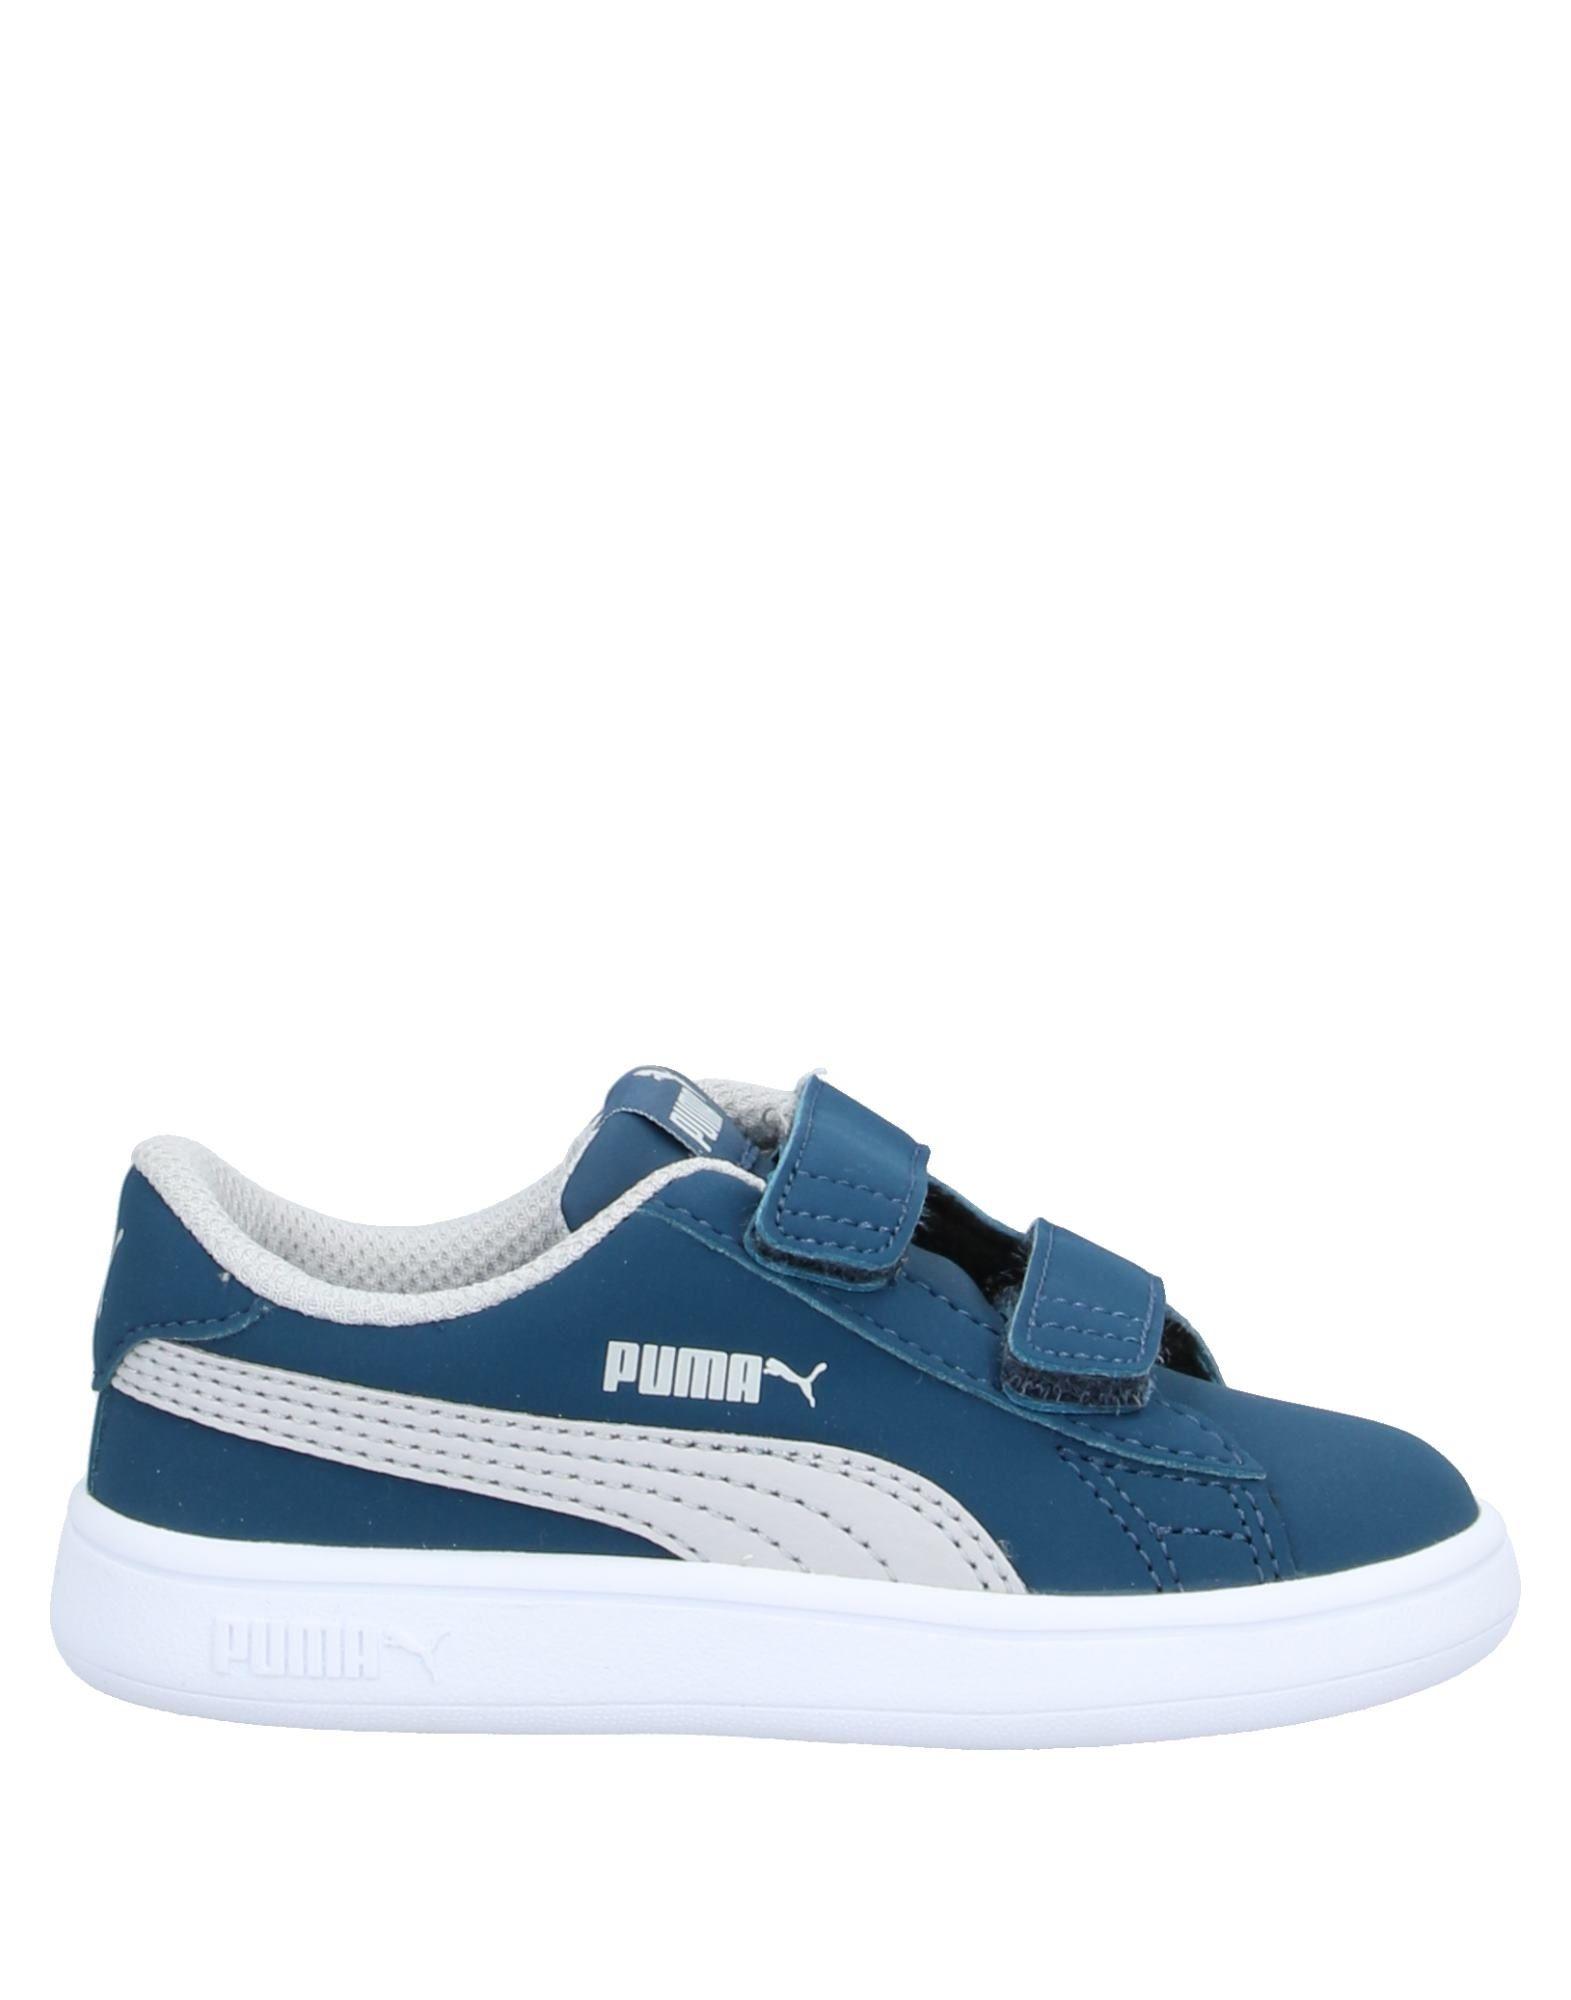 YOOX.COM(ユークス)《セール開催中》PUMA Unisex スニーカー&テニスシューズ(ローカット) ブルーグレー 3C 紡績繊維